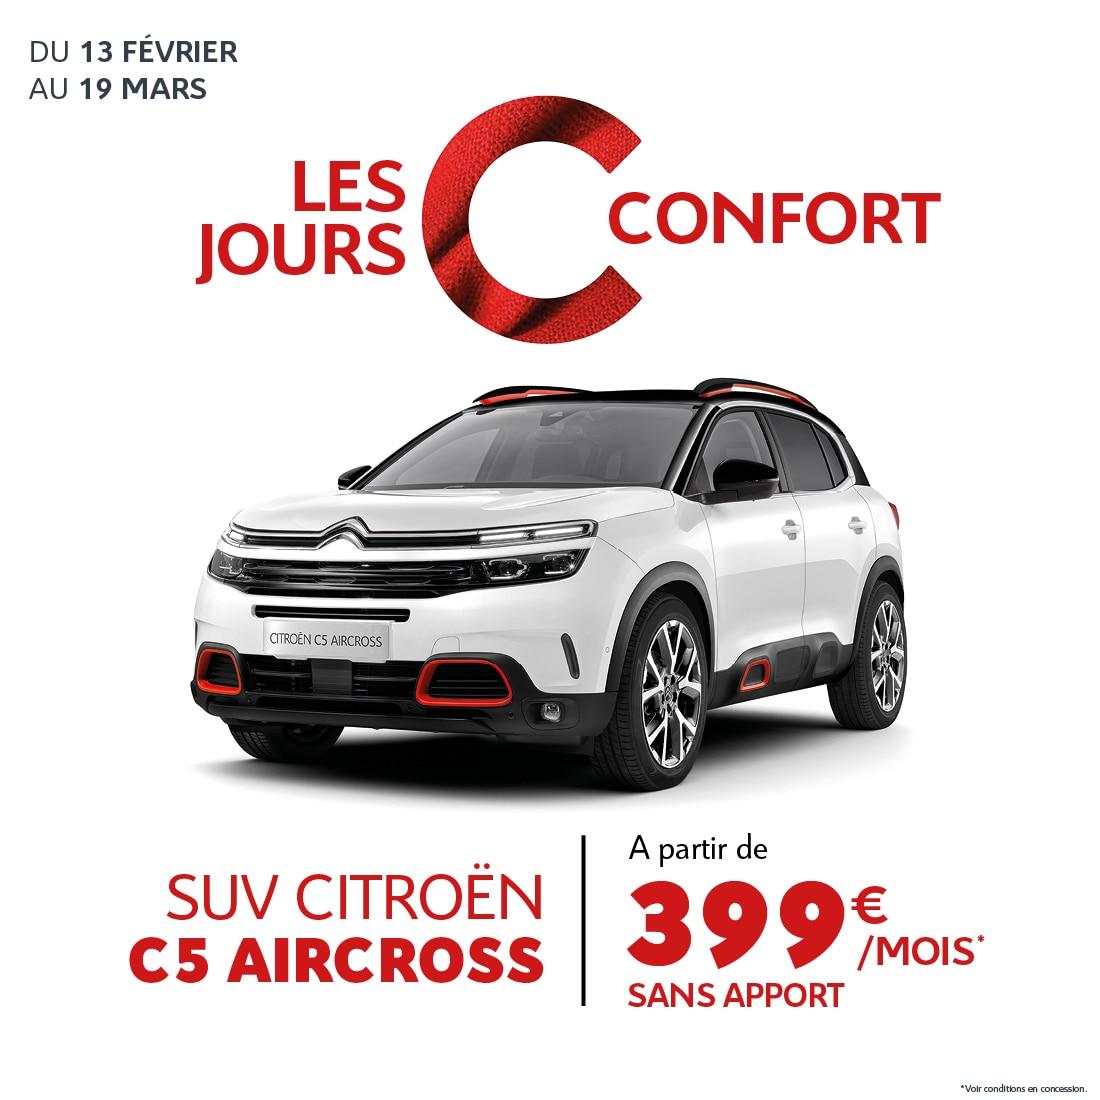 Landind Page - Citroën C5 Aircross- C Confort Réunion - Février 2020